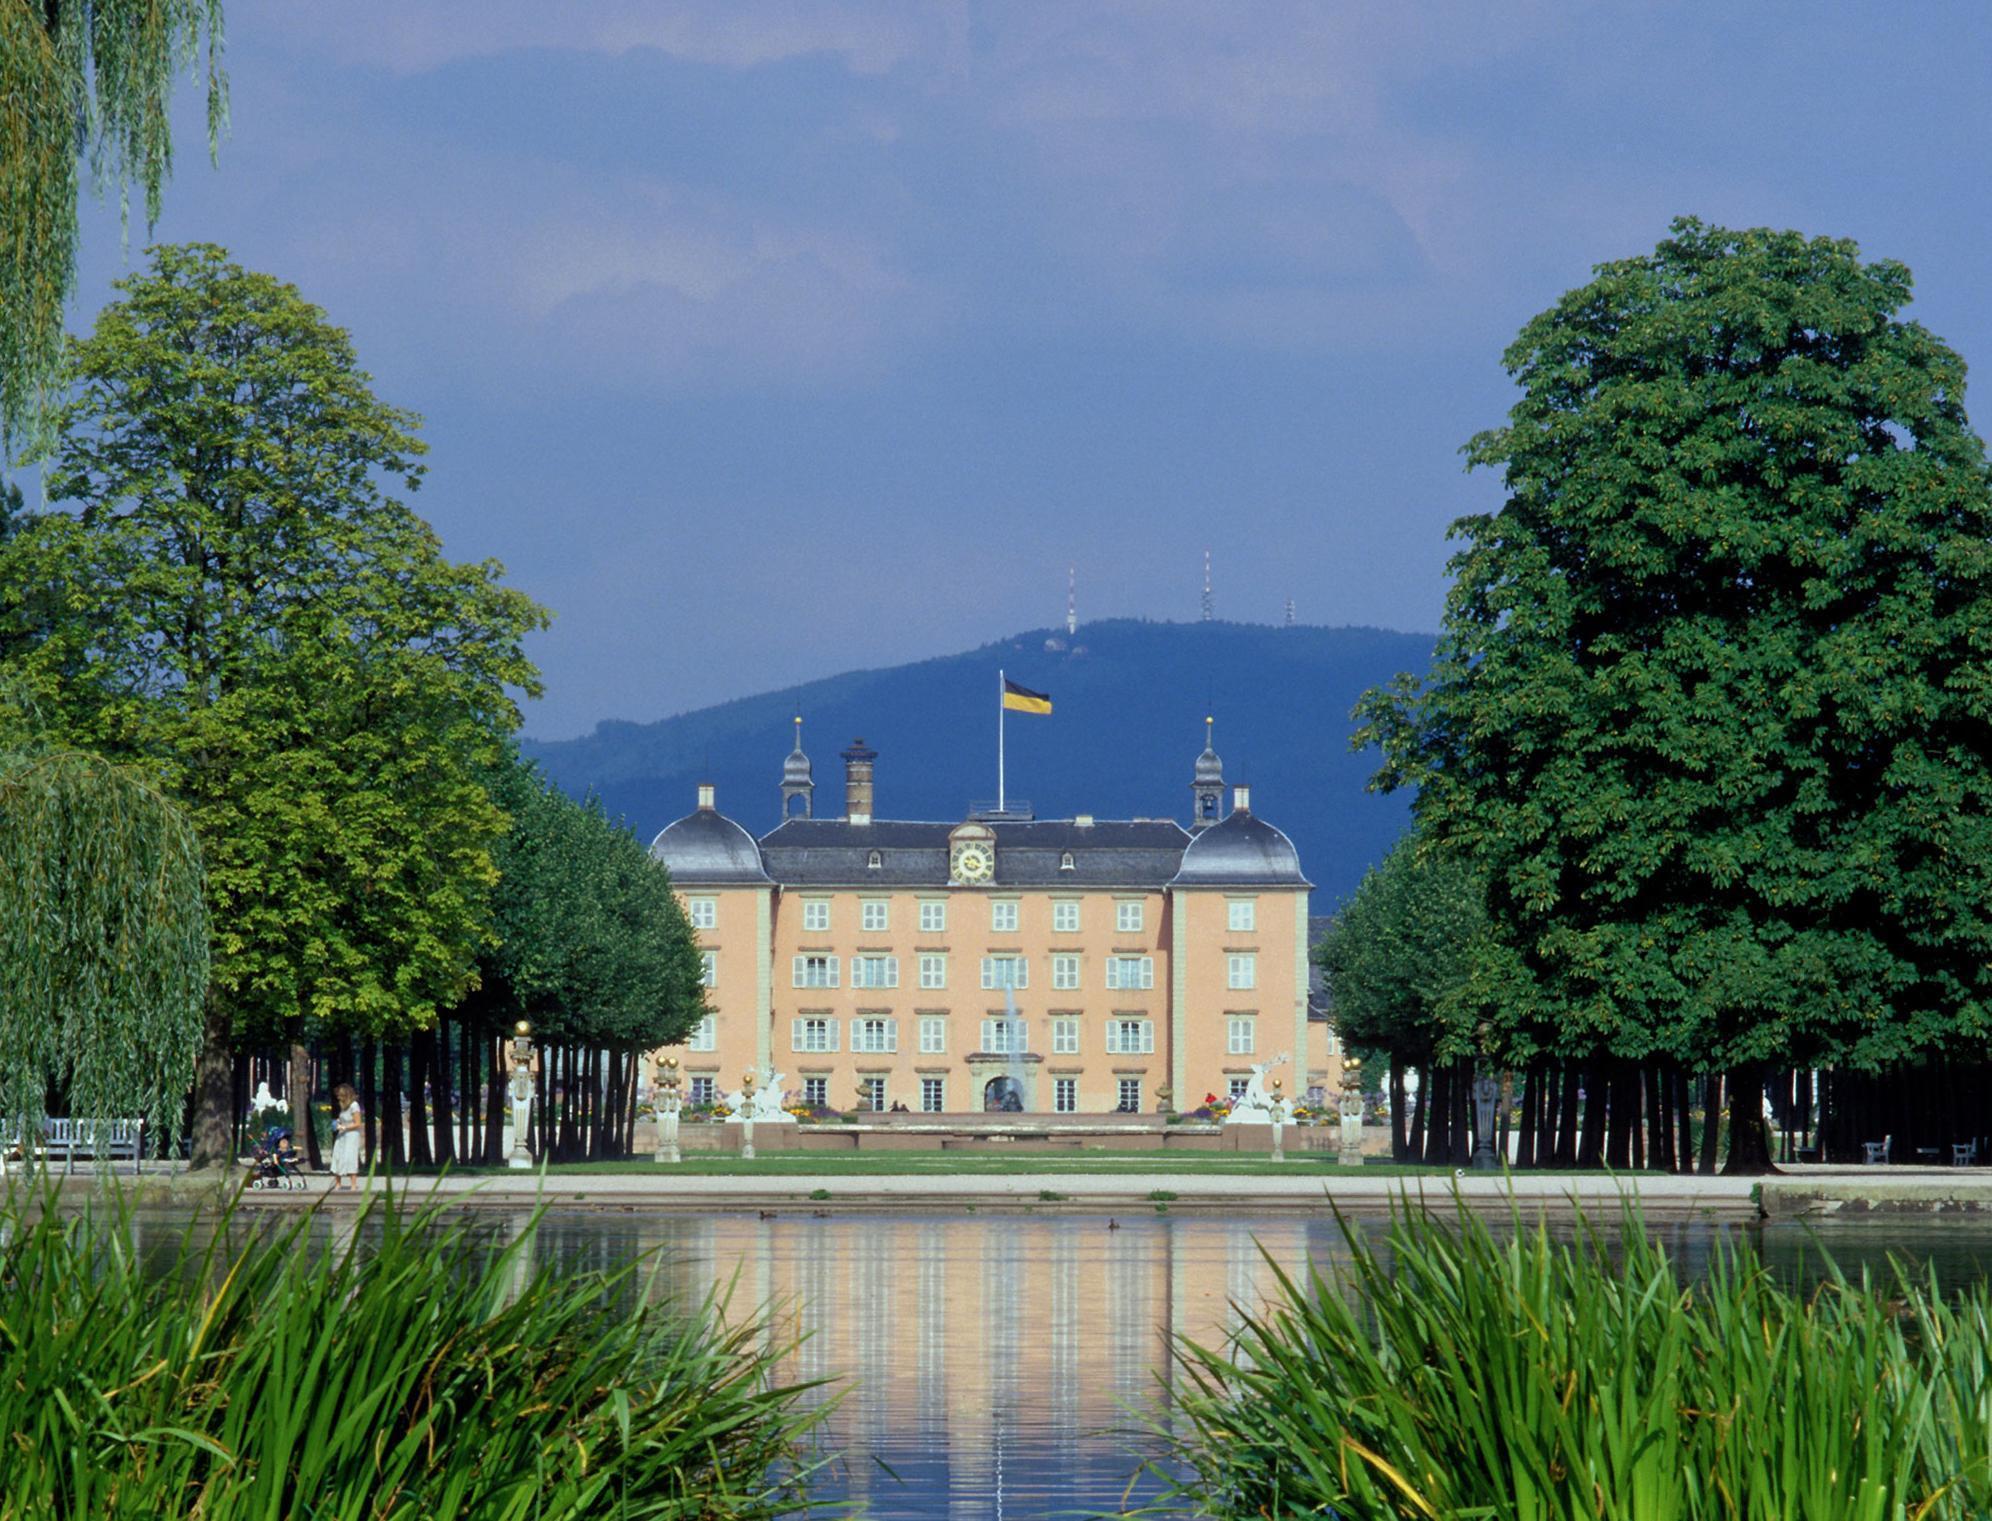 Schloss und Schlossgarten Schwetzingen; Foto: Staatliche Schlösser und Gärten Baden-Württemberg, Steffen Hauswirth